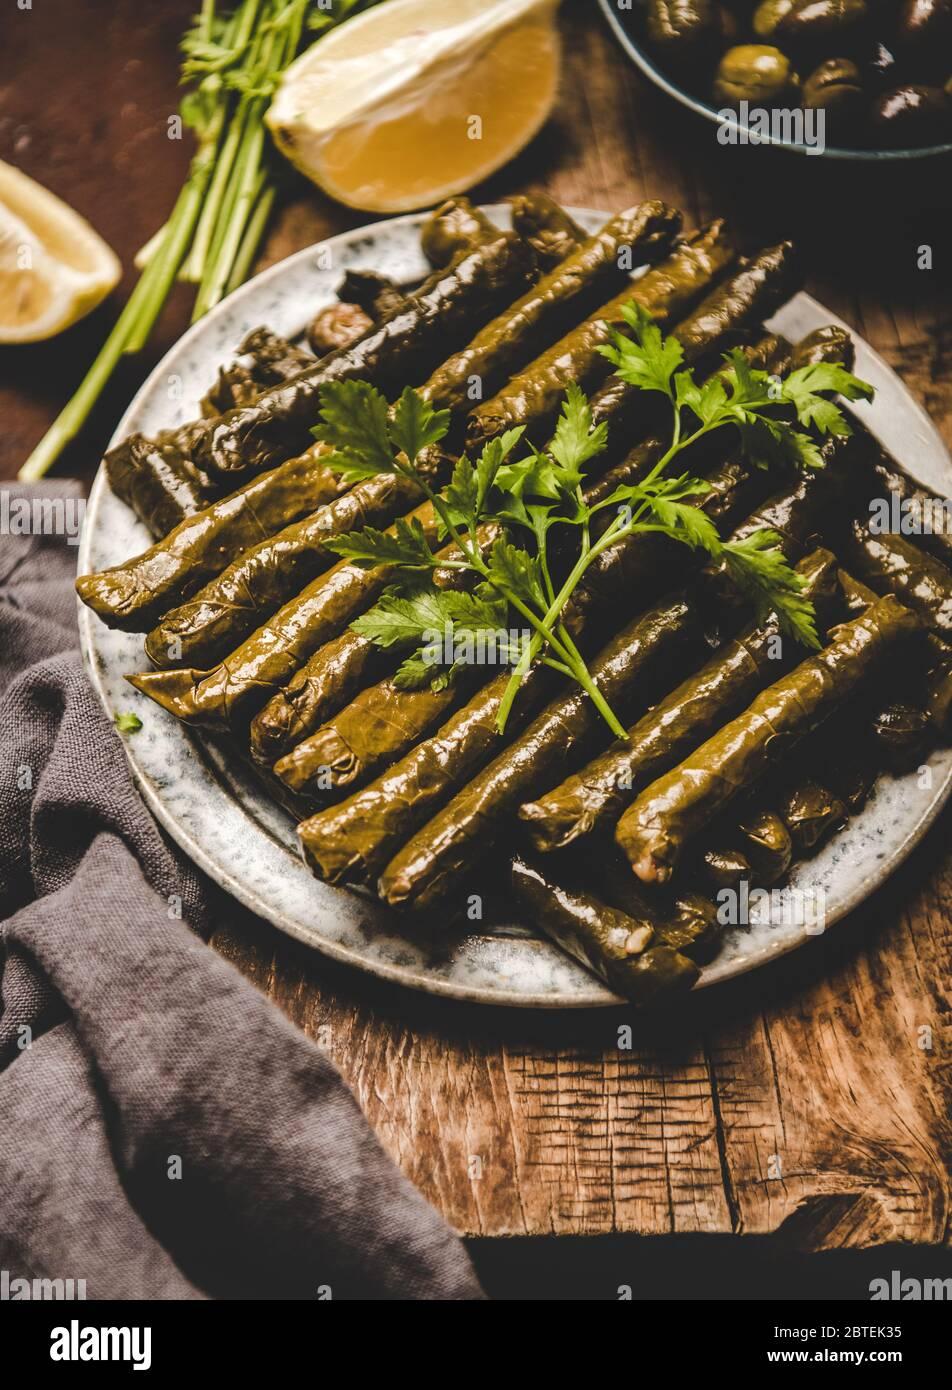 Sarma turca o Dolma con arroz y especias en el plato Foto de stock